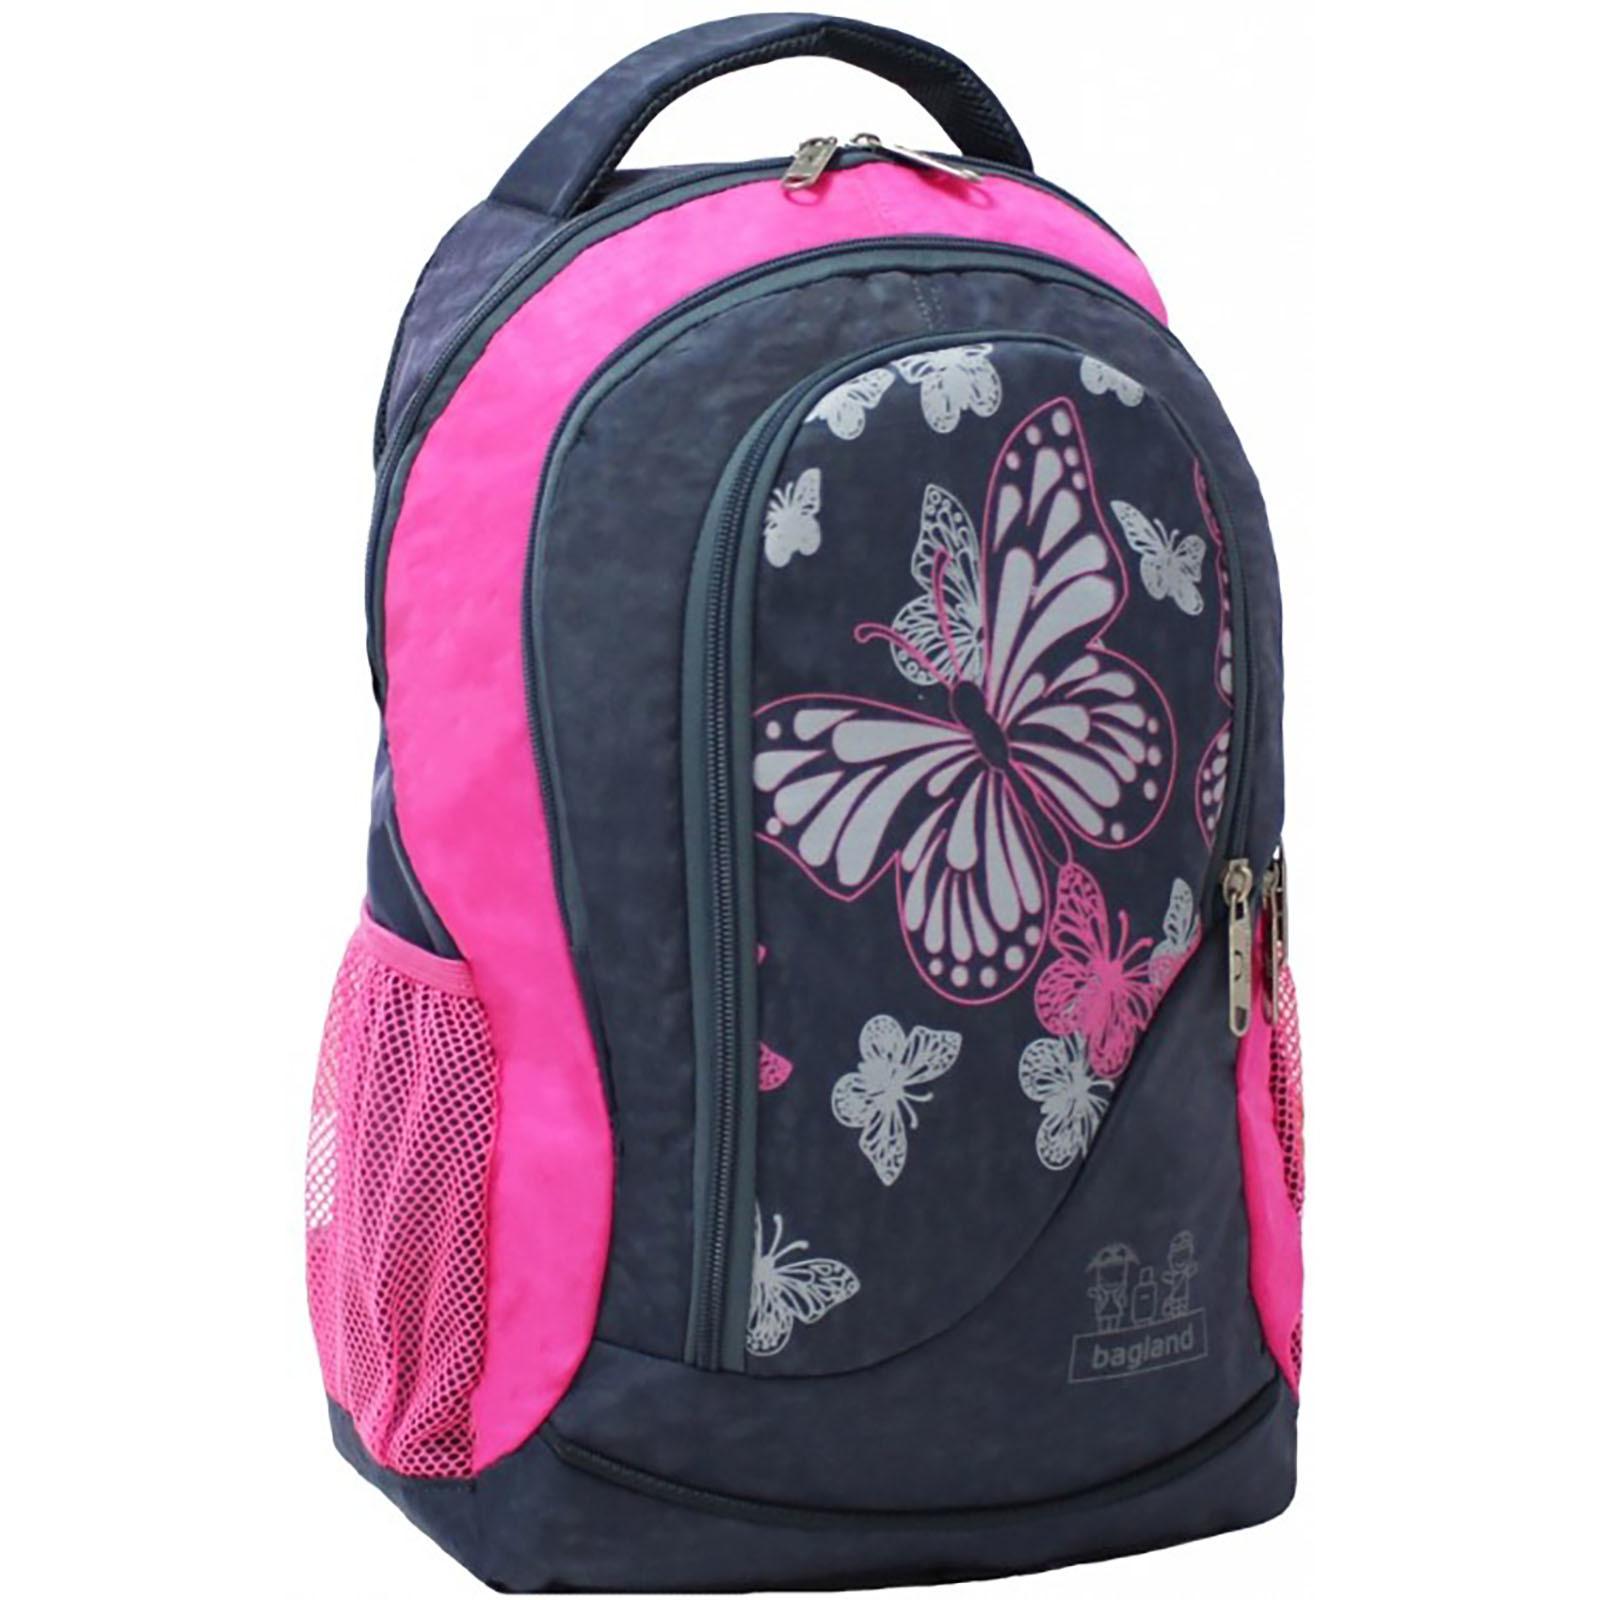 Городские рюкзаки Рюкзак Bagland Бис 21 л. Серый/розовый (0055670) Screenshot_4.jpg